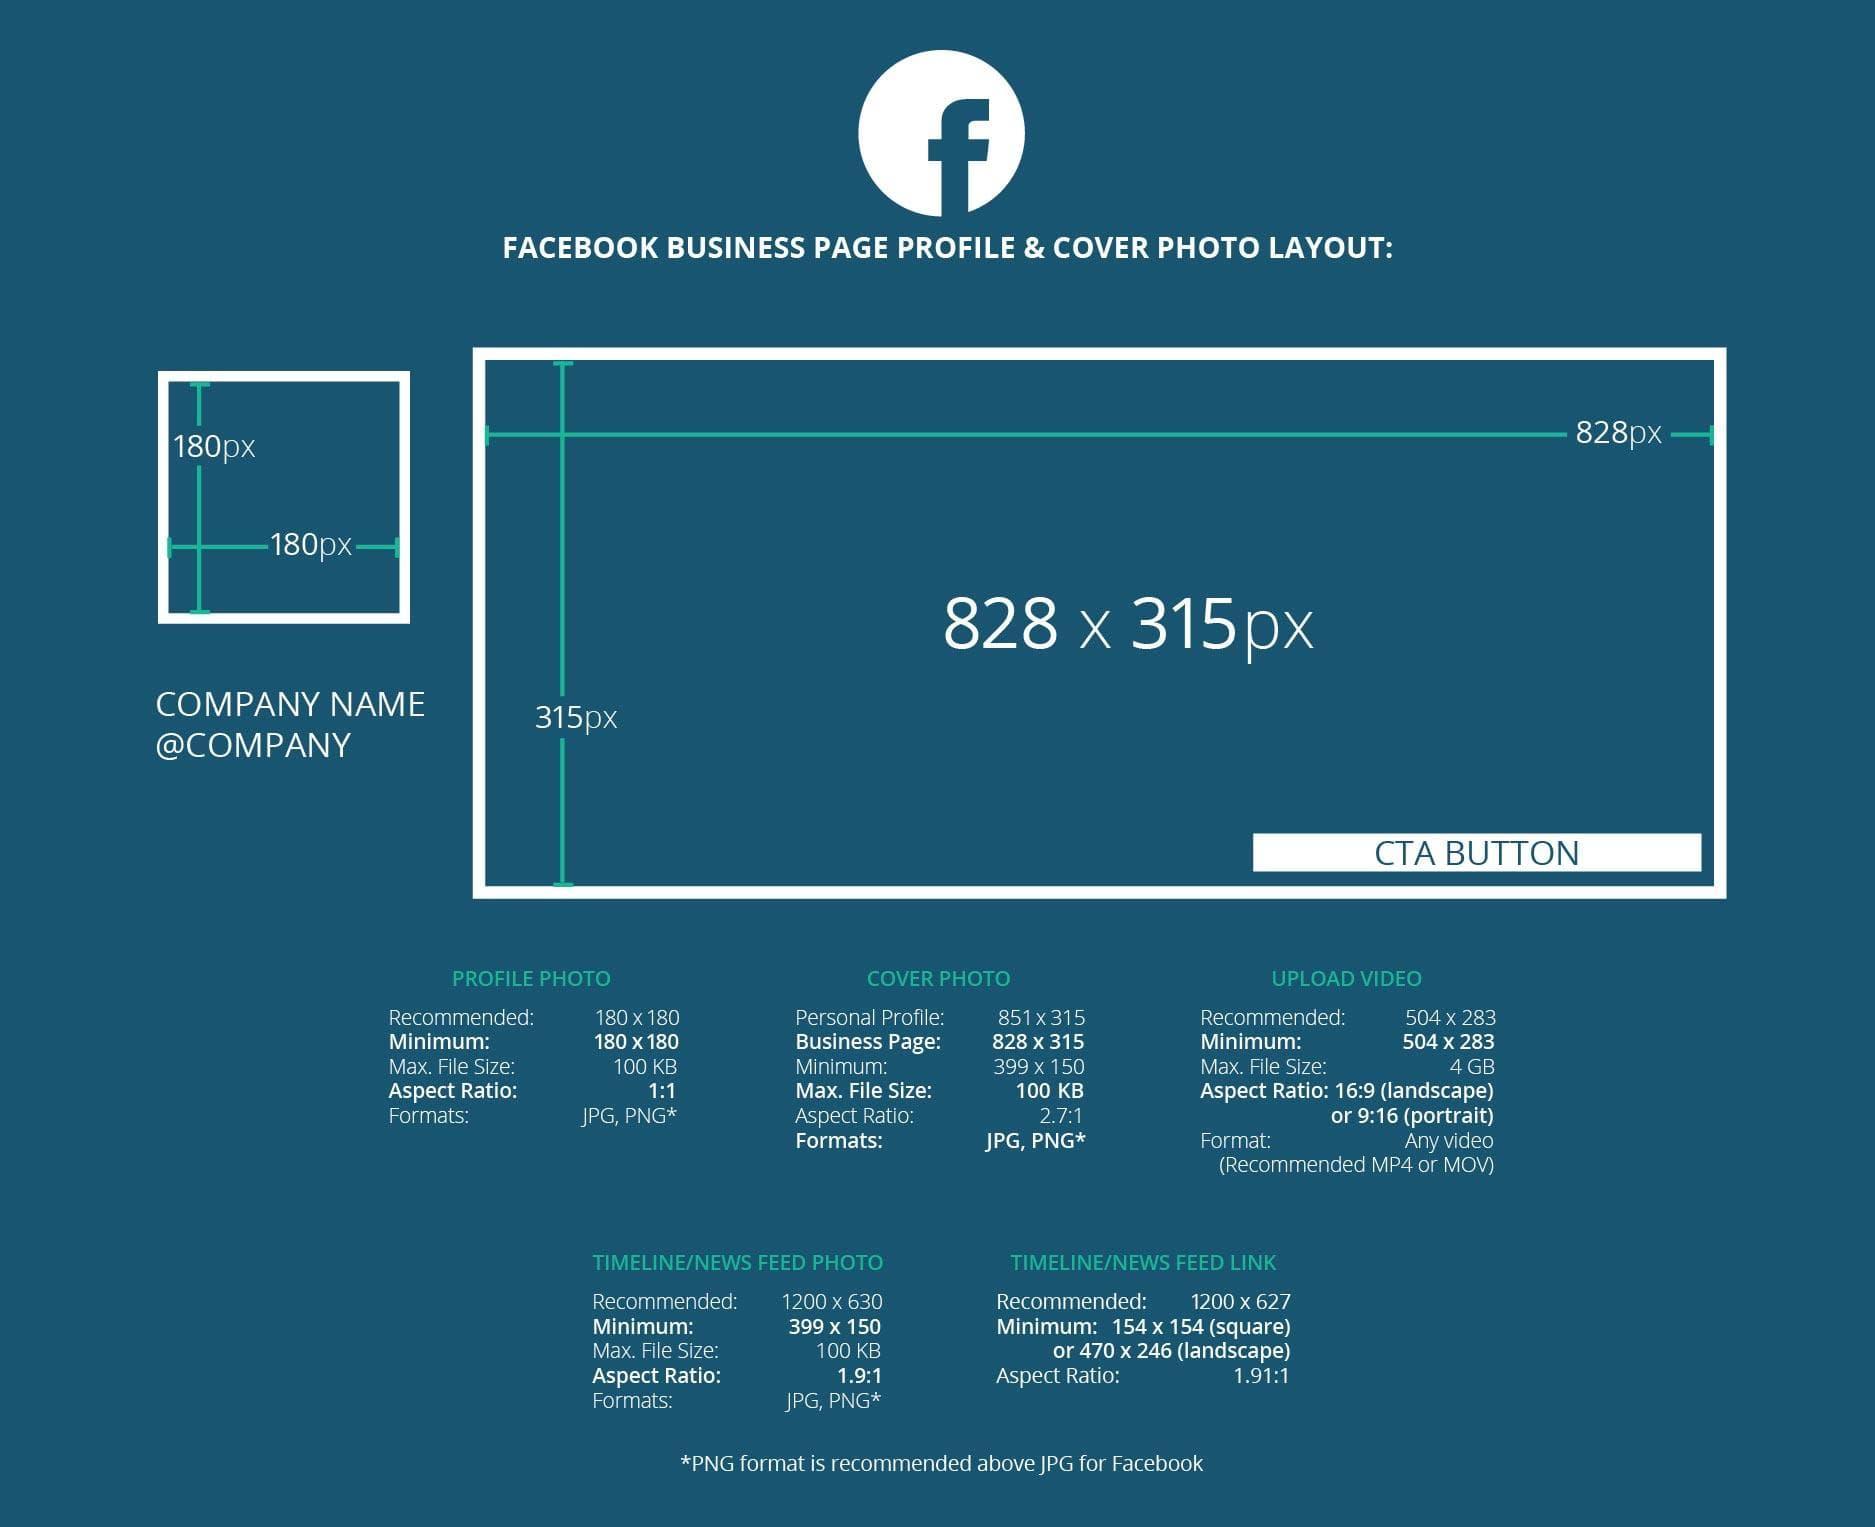 займет вас фото профиля для фейсбука размер отличительным наградным знаком